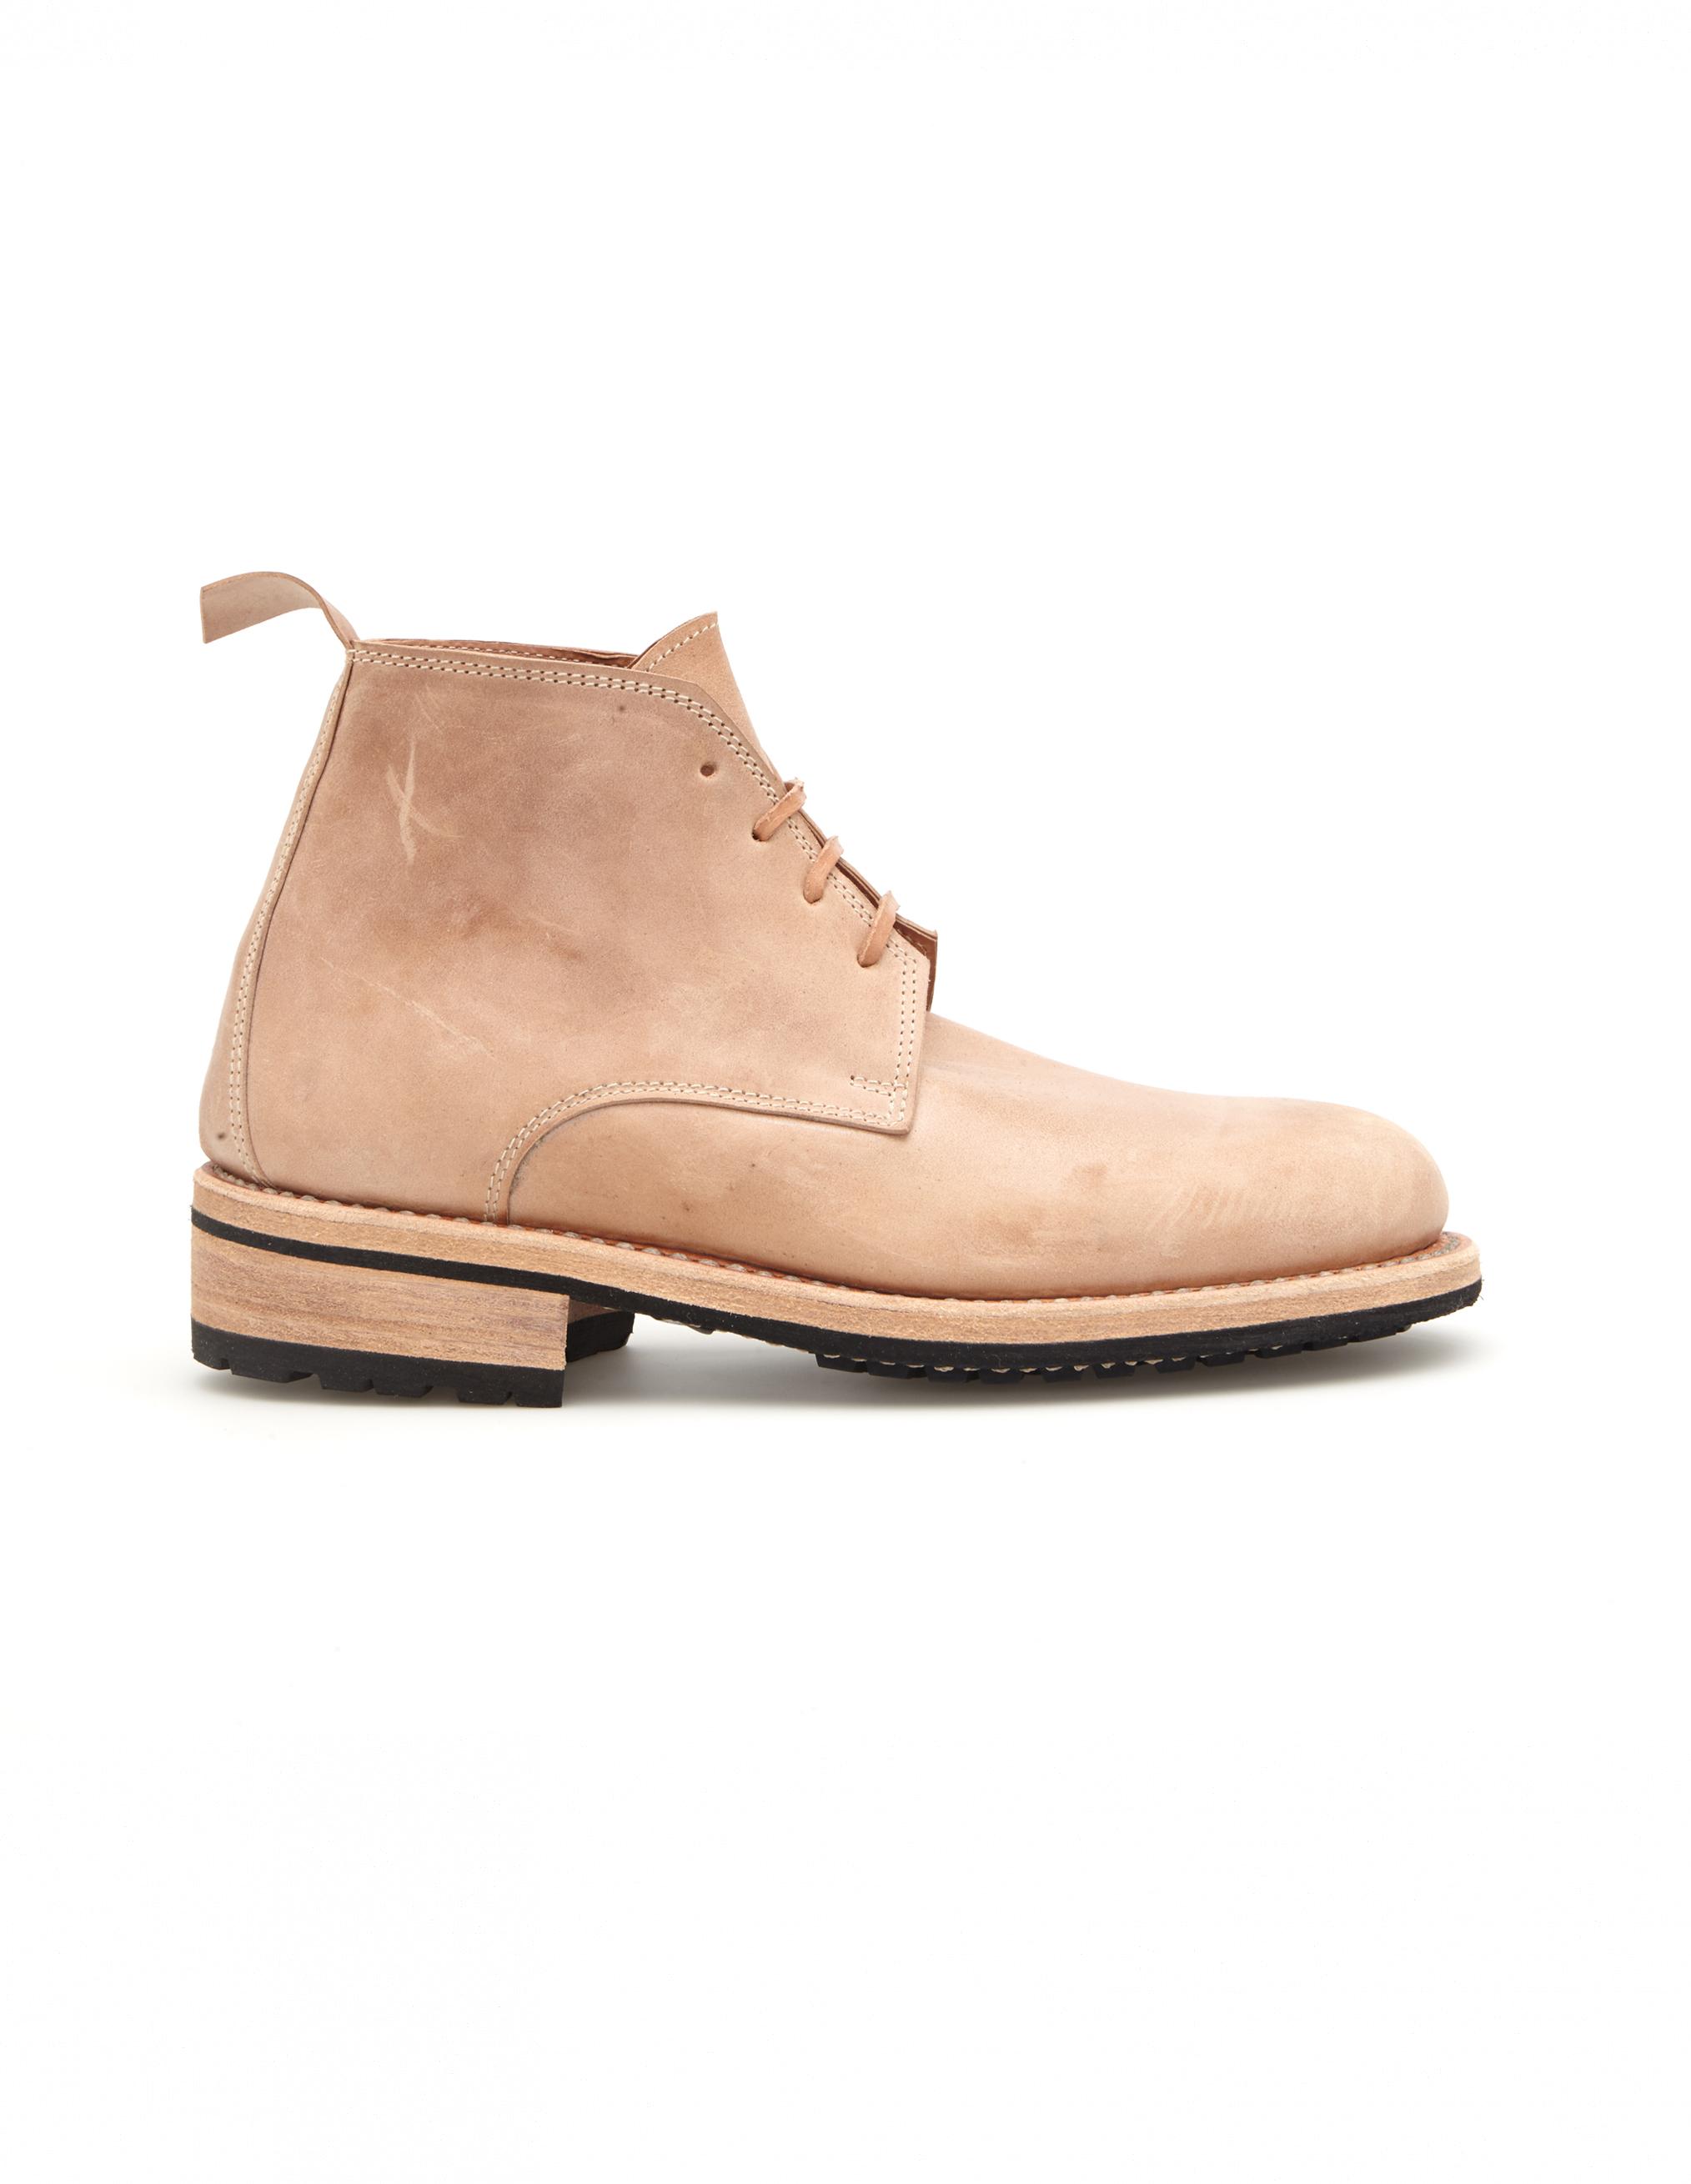 Guidi Guidi x Rosellini Chukka boots